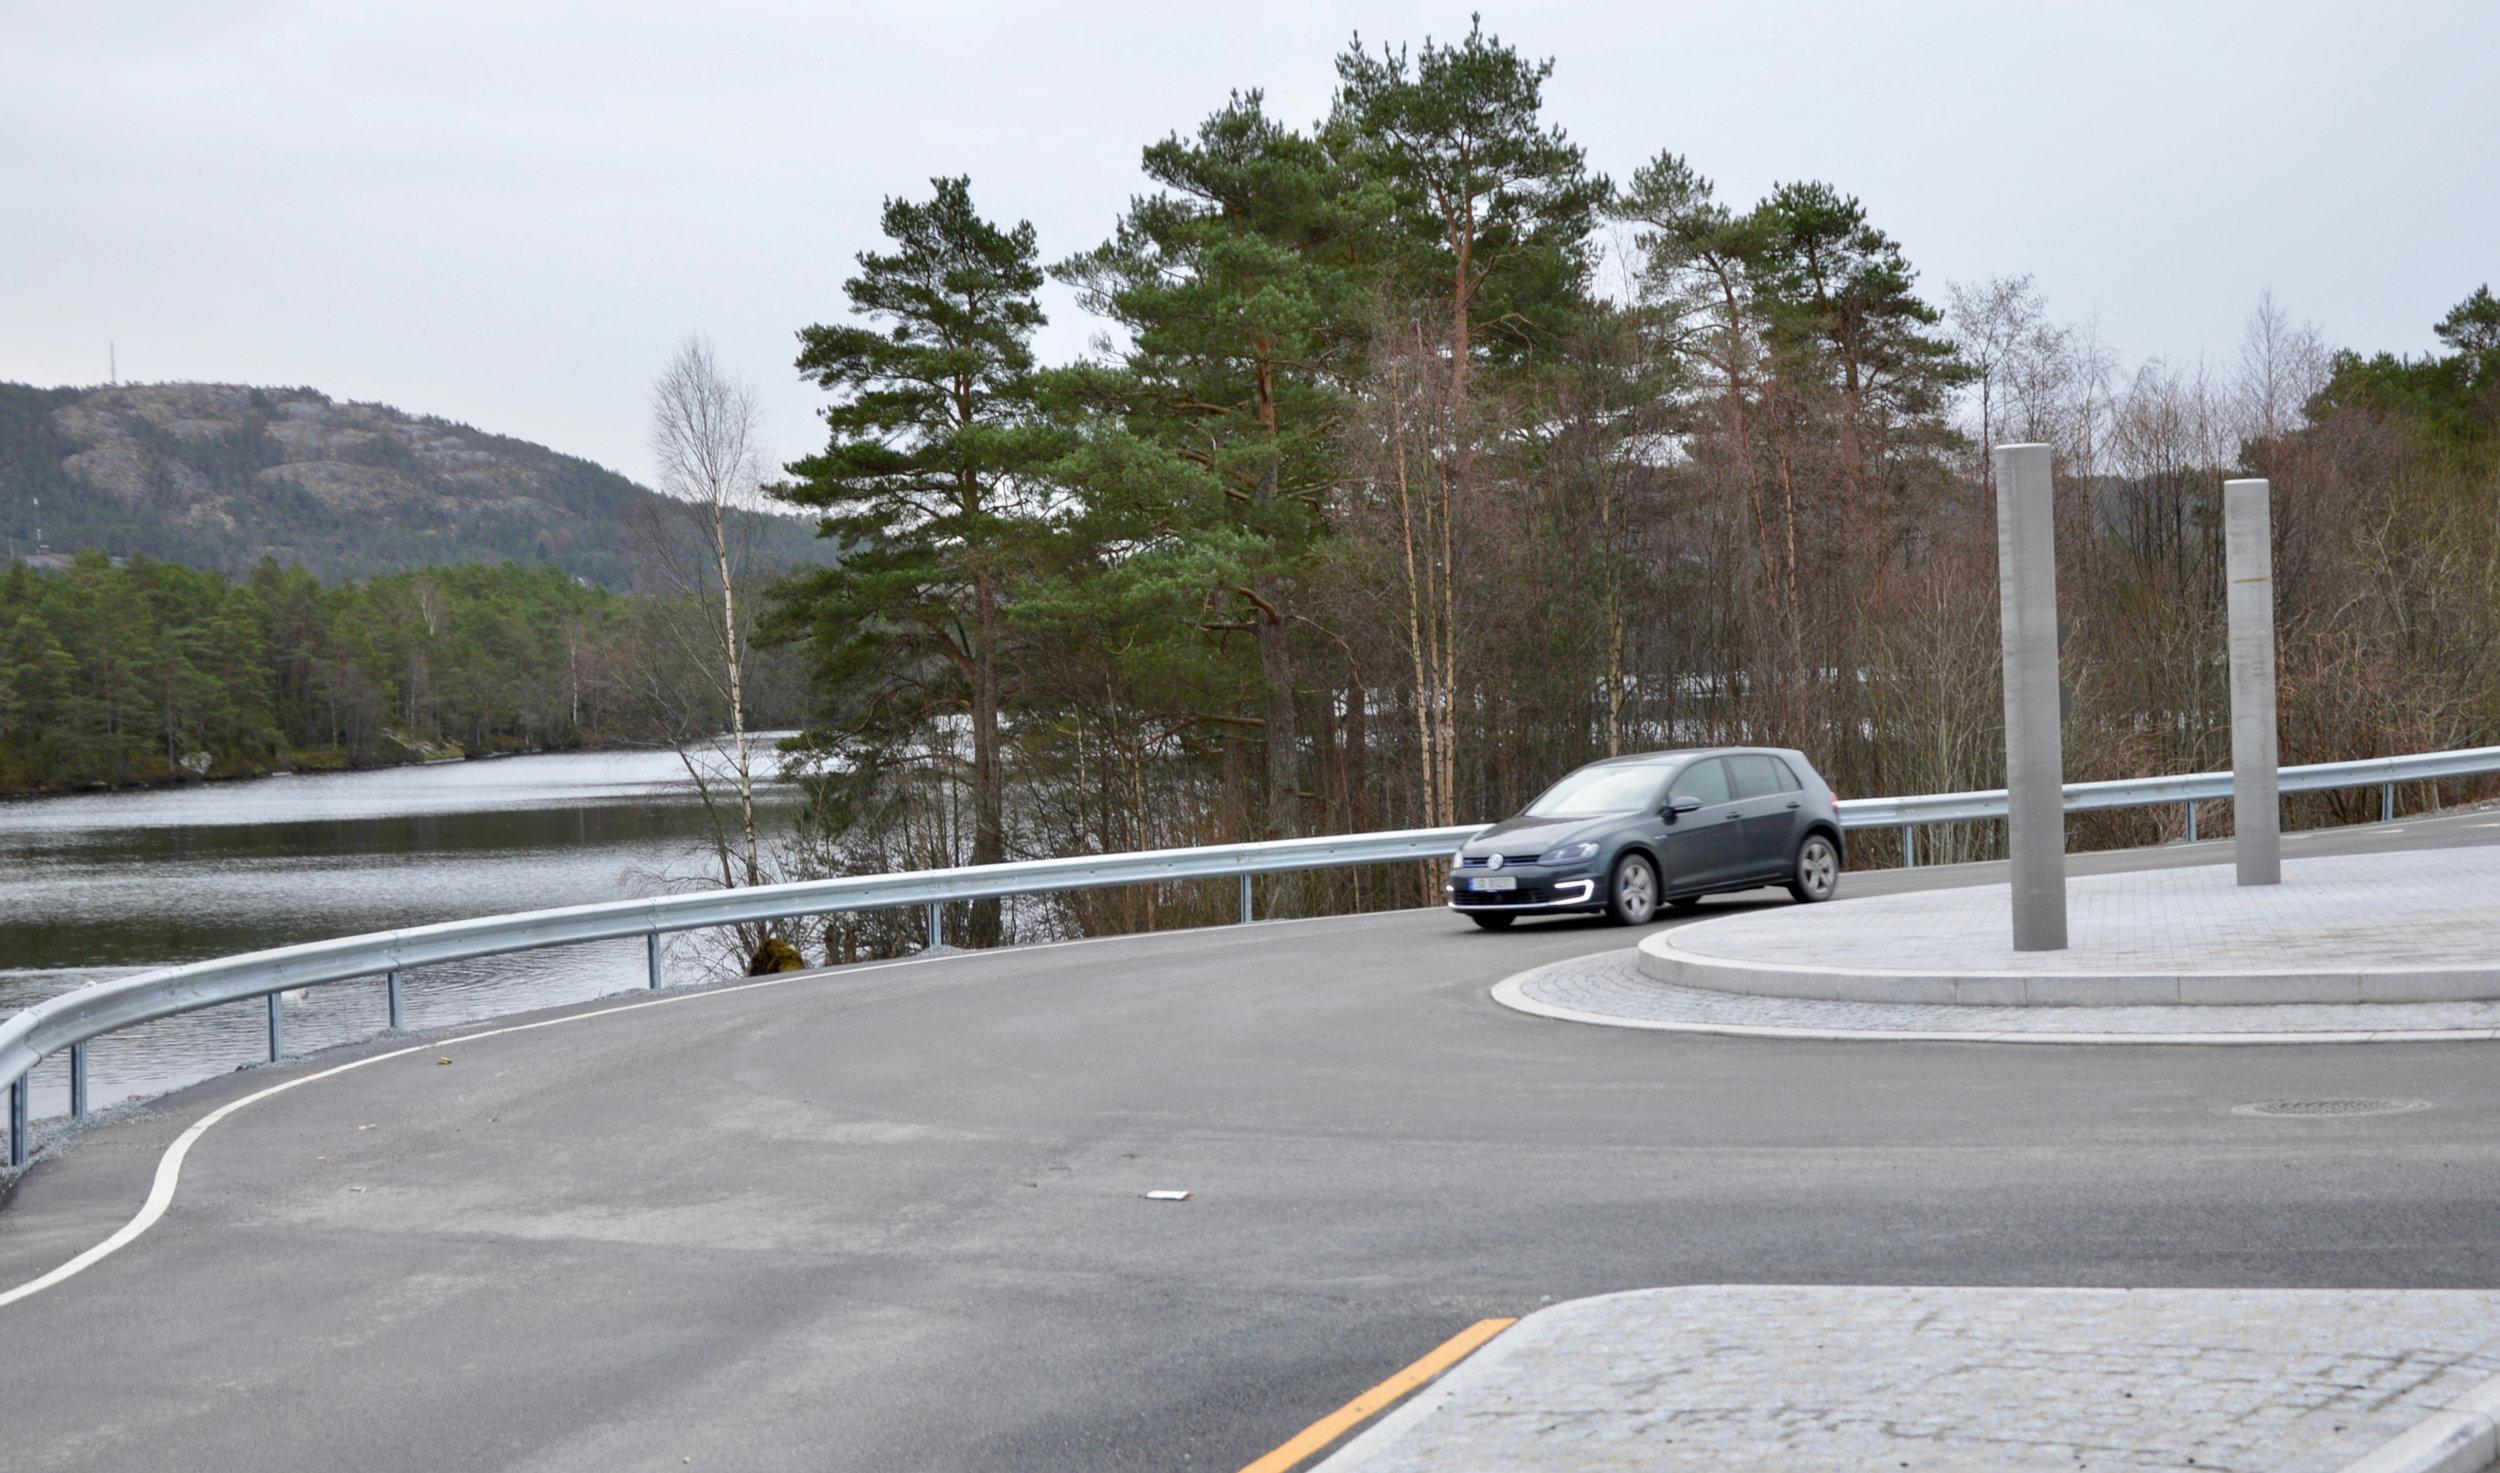 Det er kome autovern ved rundkøyringa i krysset opp til skulane og helsesenteret.